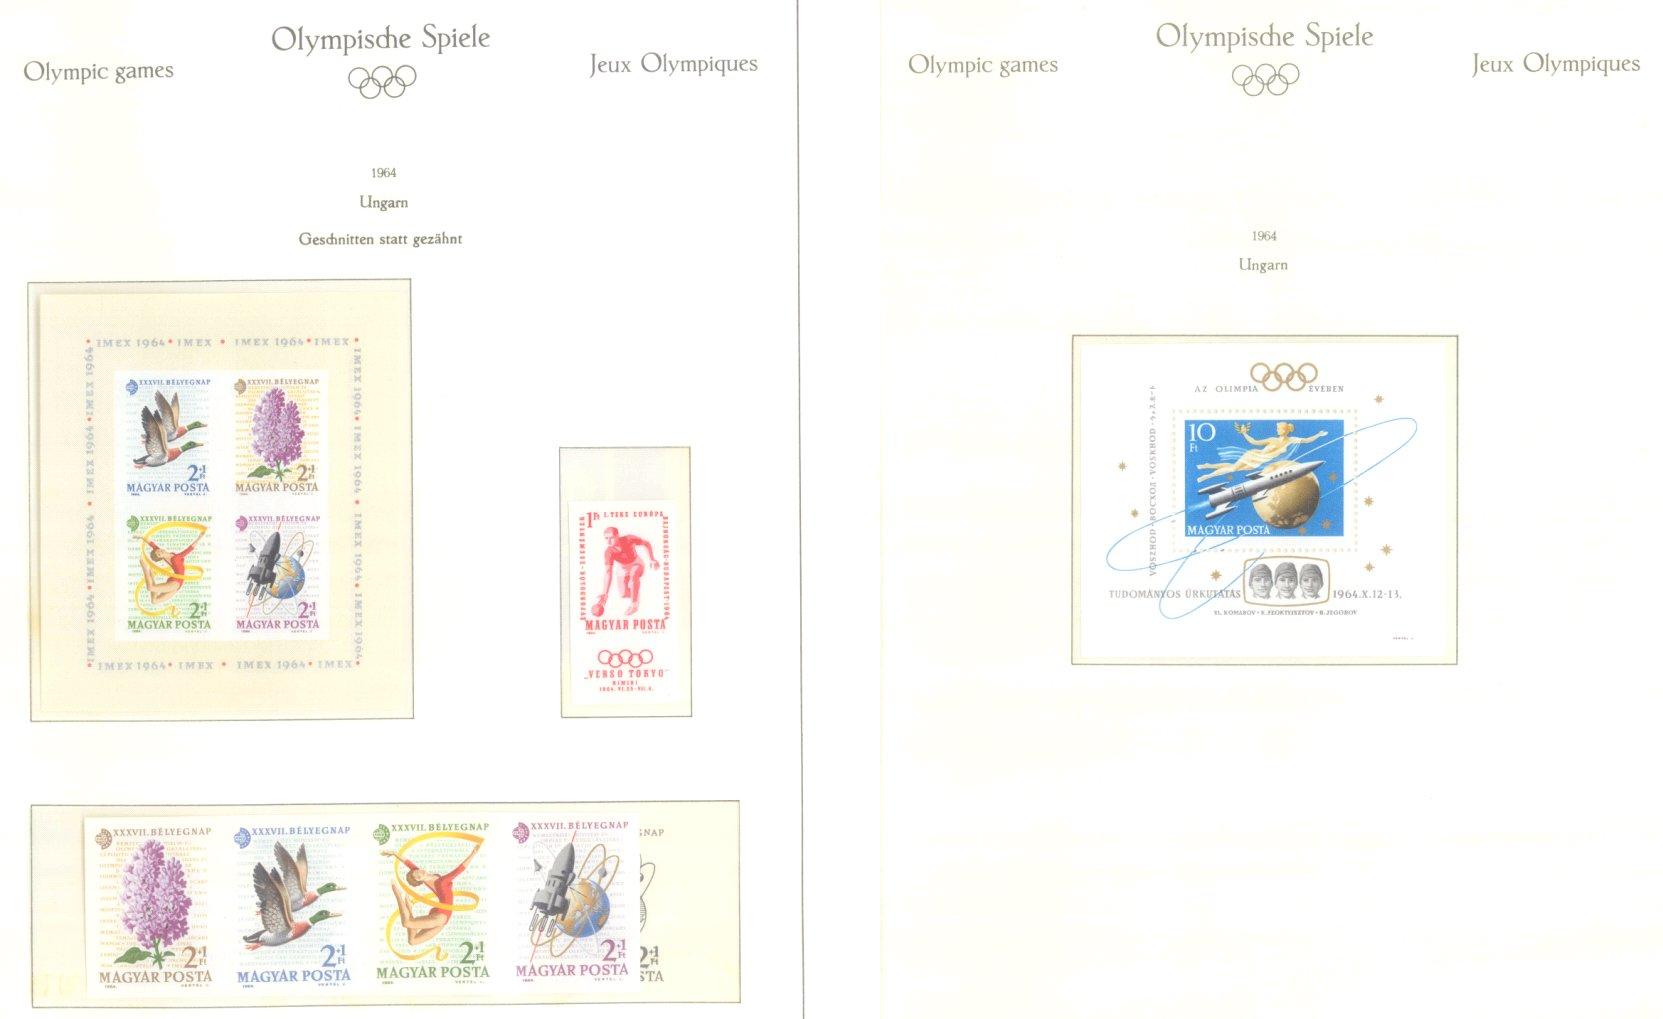 OLYMPISCHE SPIELE 1964 TOKIO, postfrische Sammlung Teil 2-52